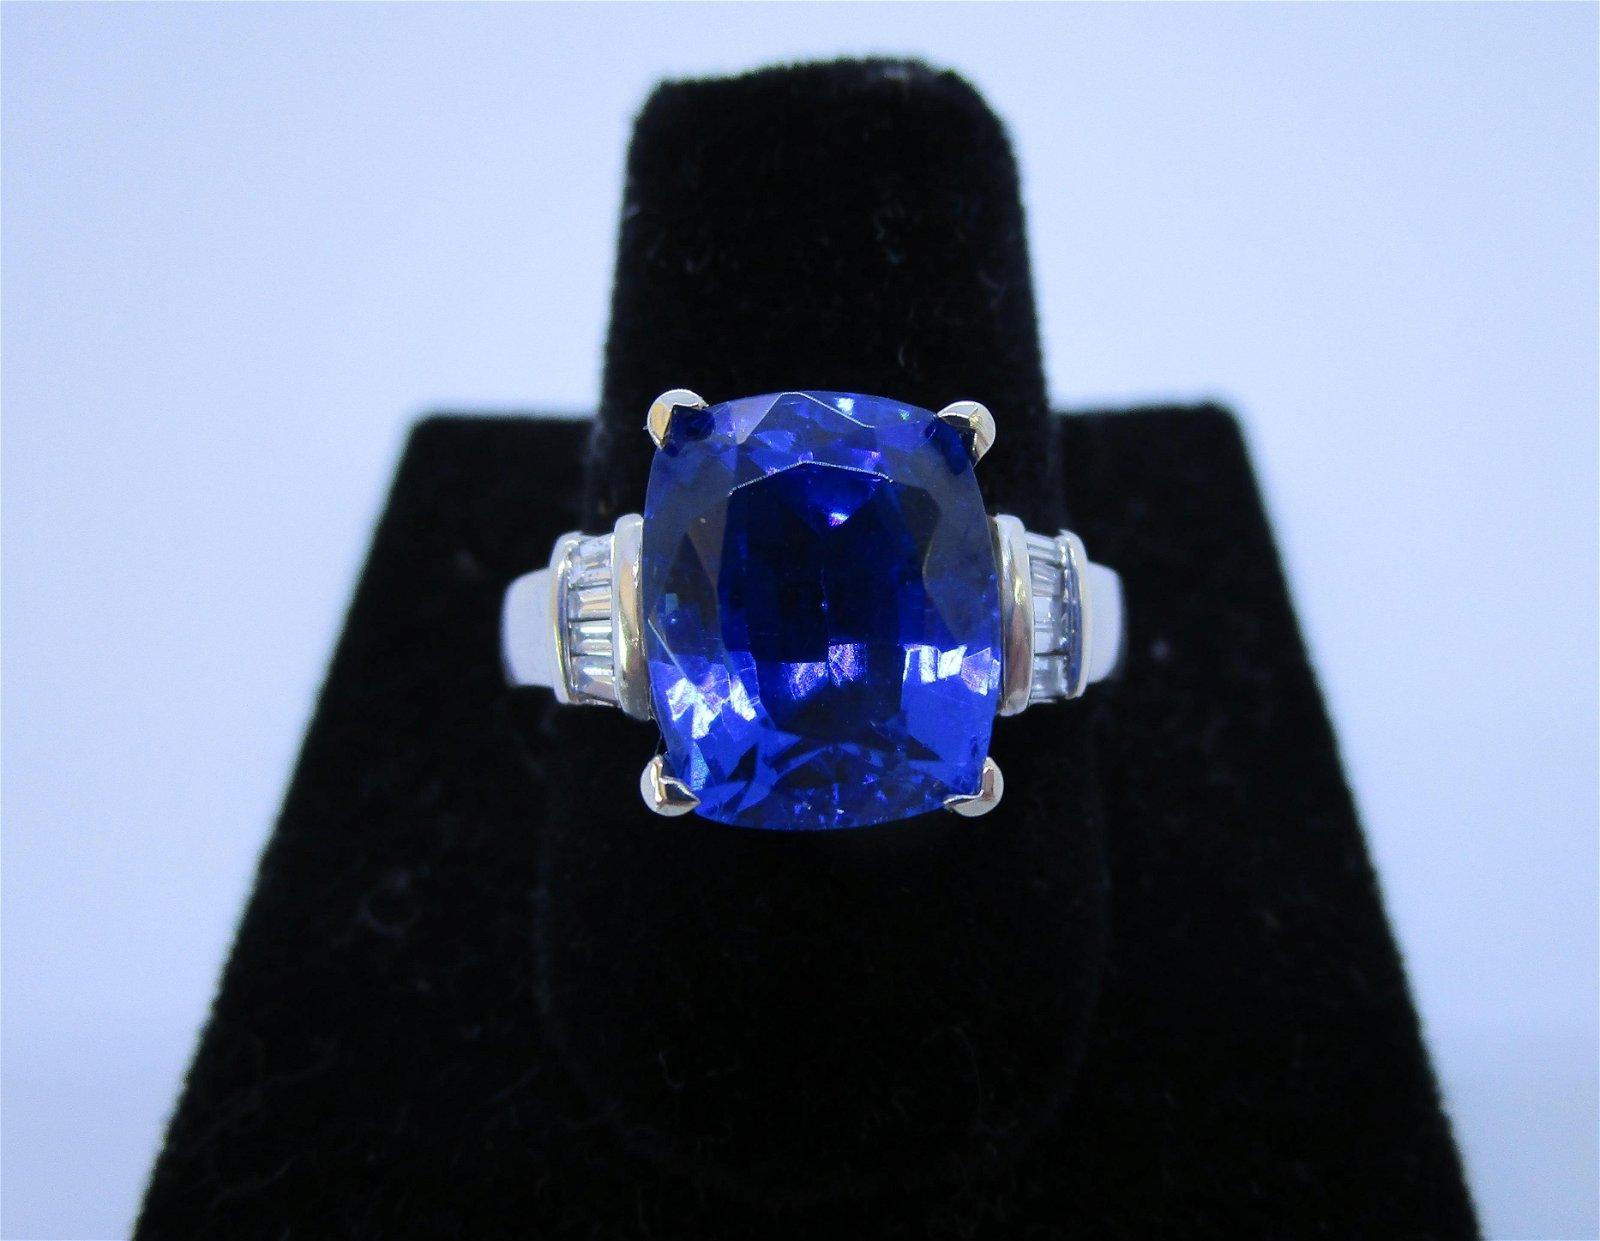 7.10 CARAT TANZANITE DIAMOND RING 14K WHITE GOLD